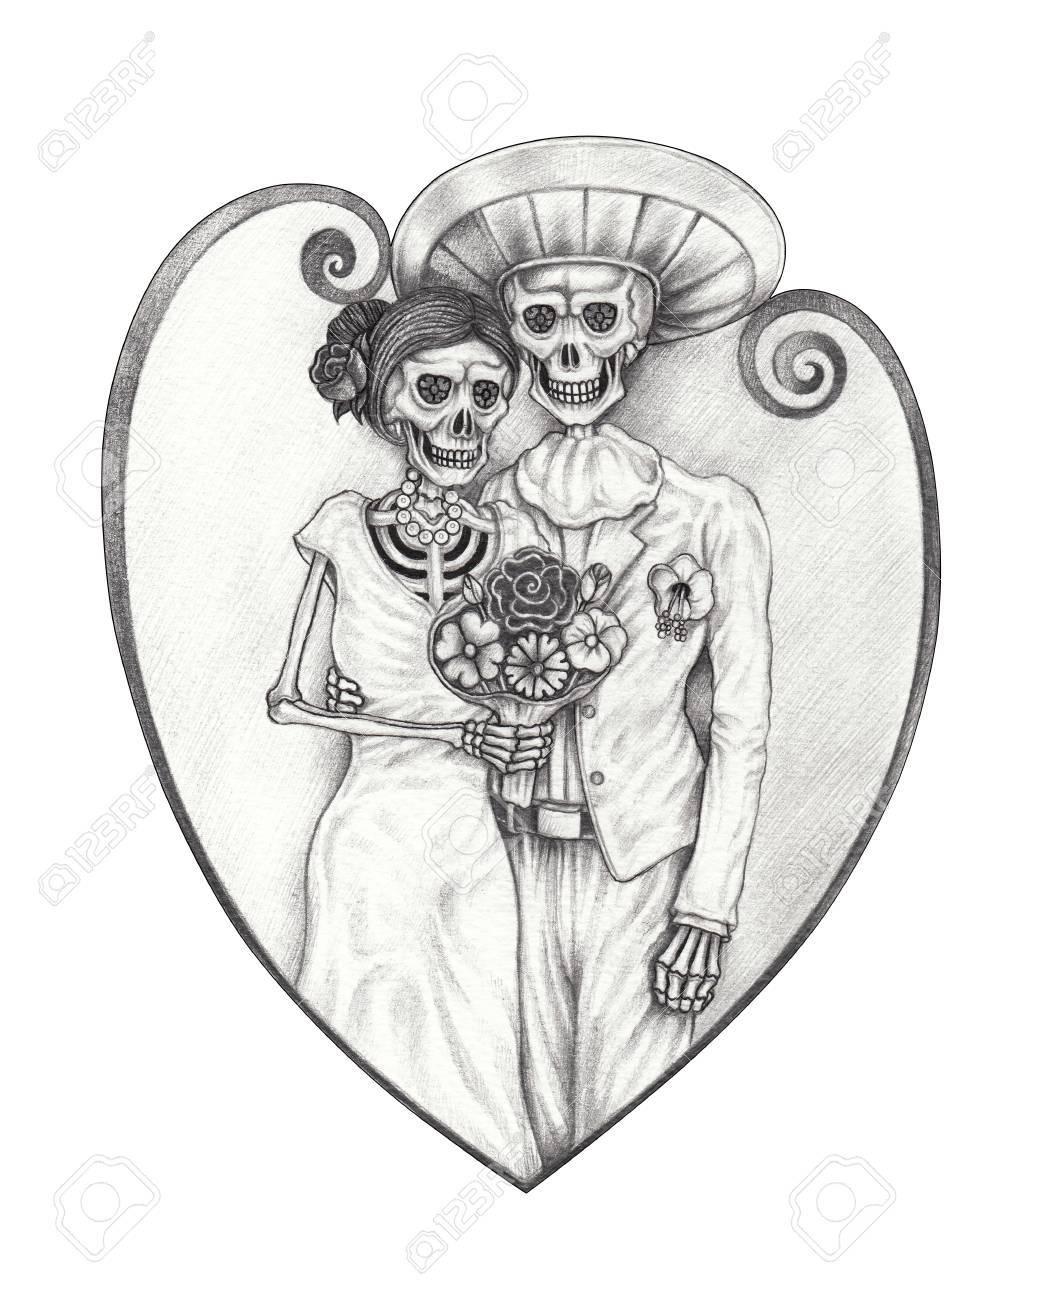 Diseño De Arte Boda Cráneo Día De Los Muertos Dibujo A Lápiz A Mano